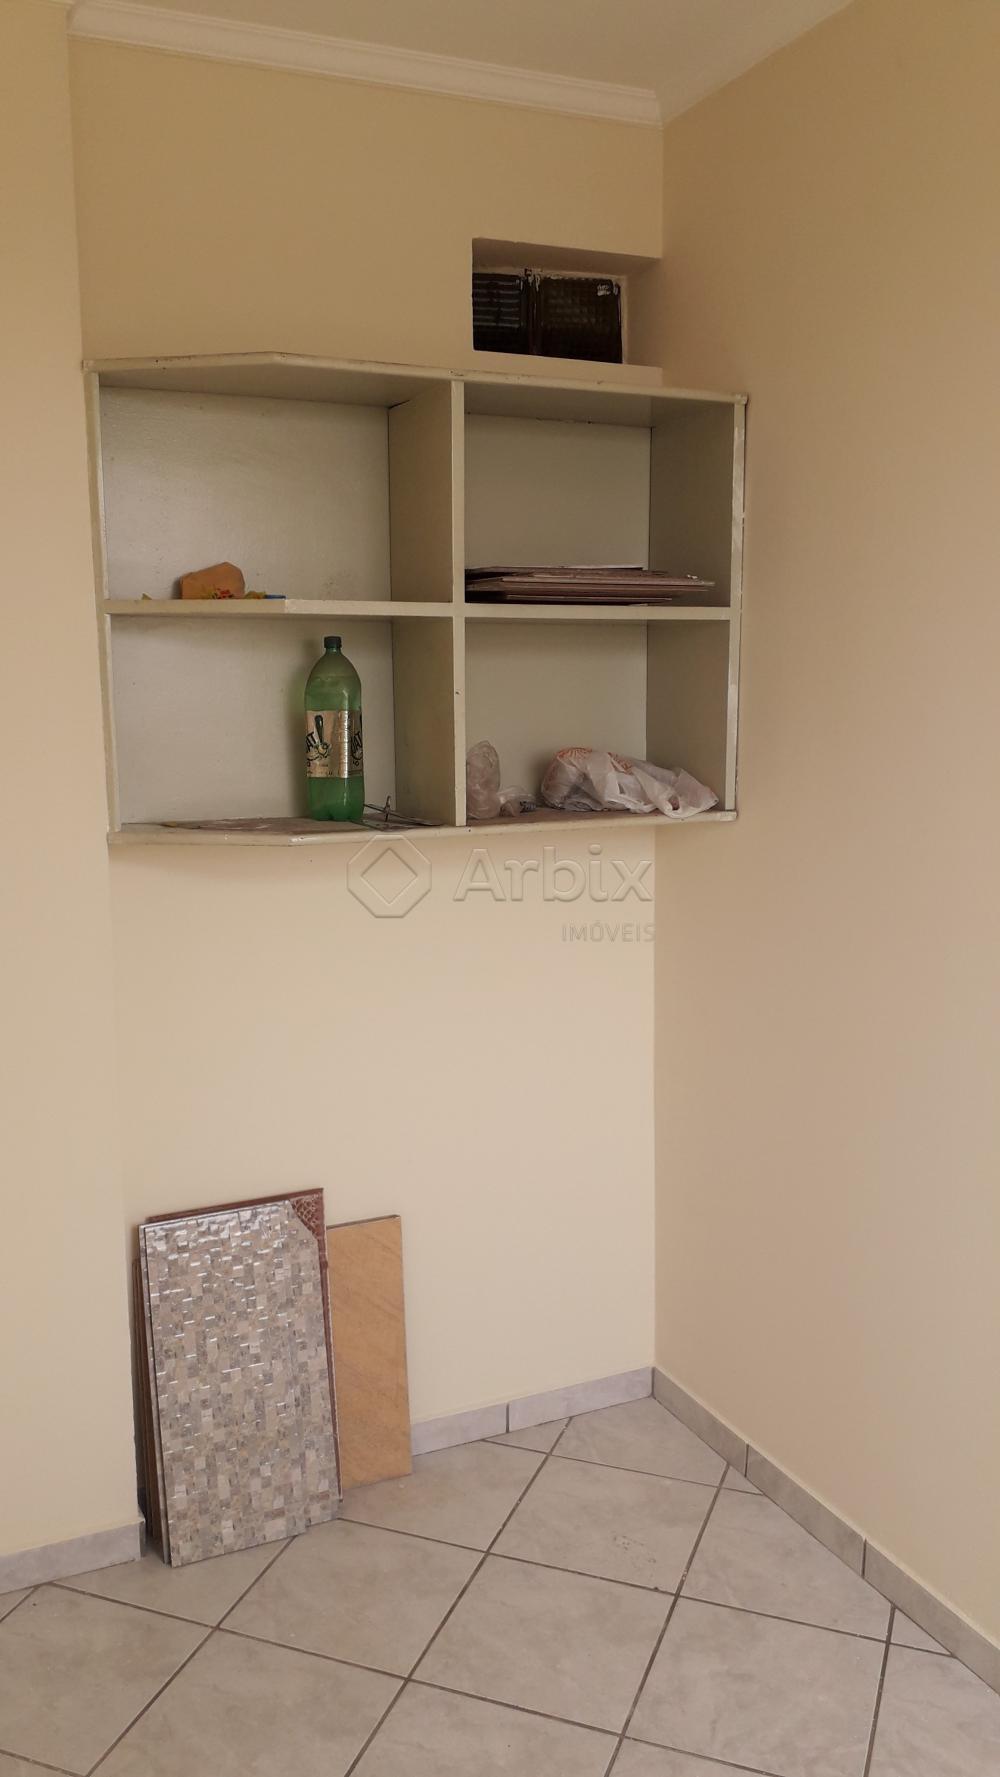 Alugar Apartamento / Padrão em Americana apenas R$ 850,00 - Foto 23